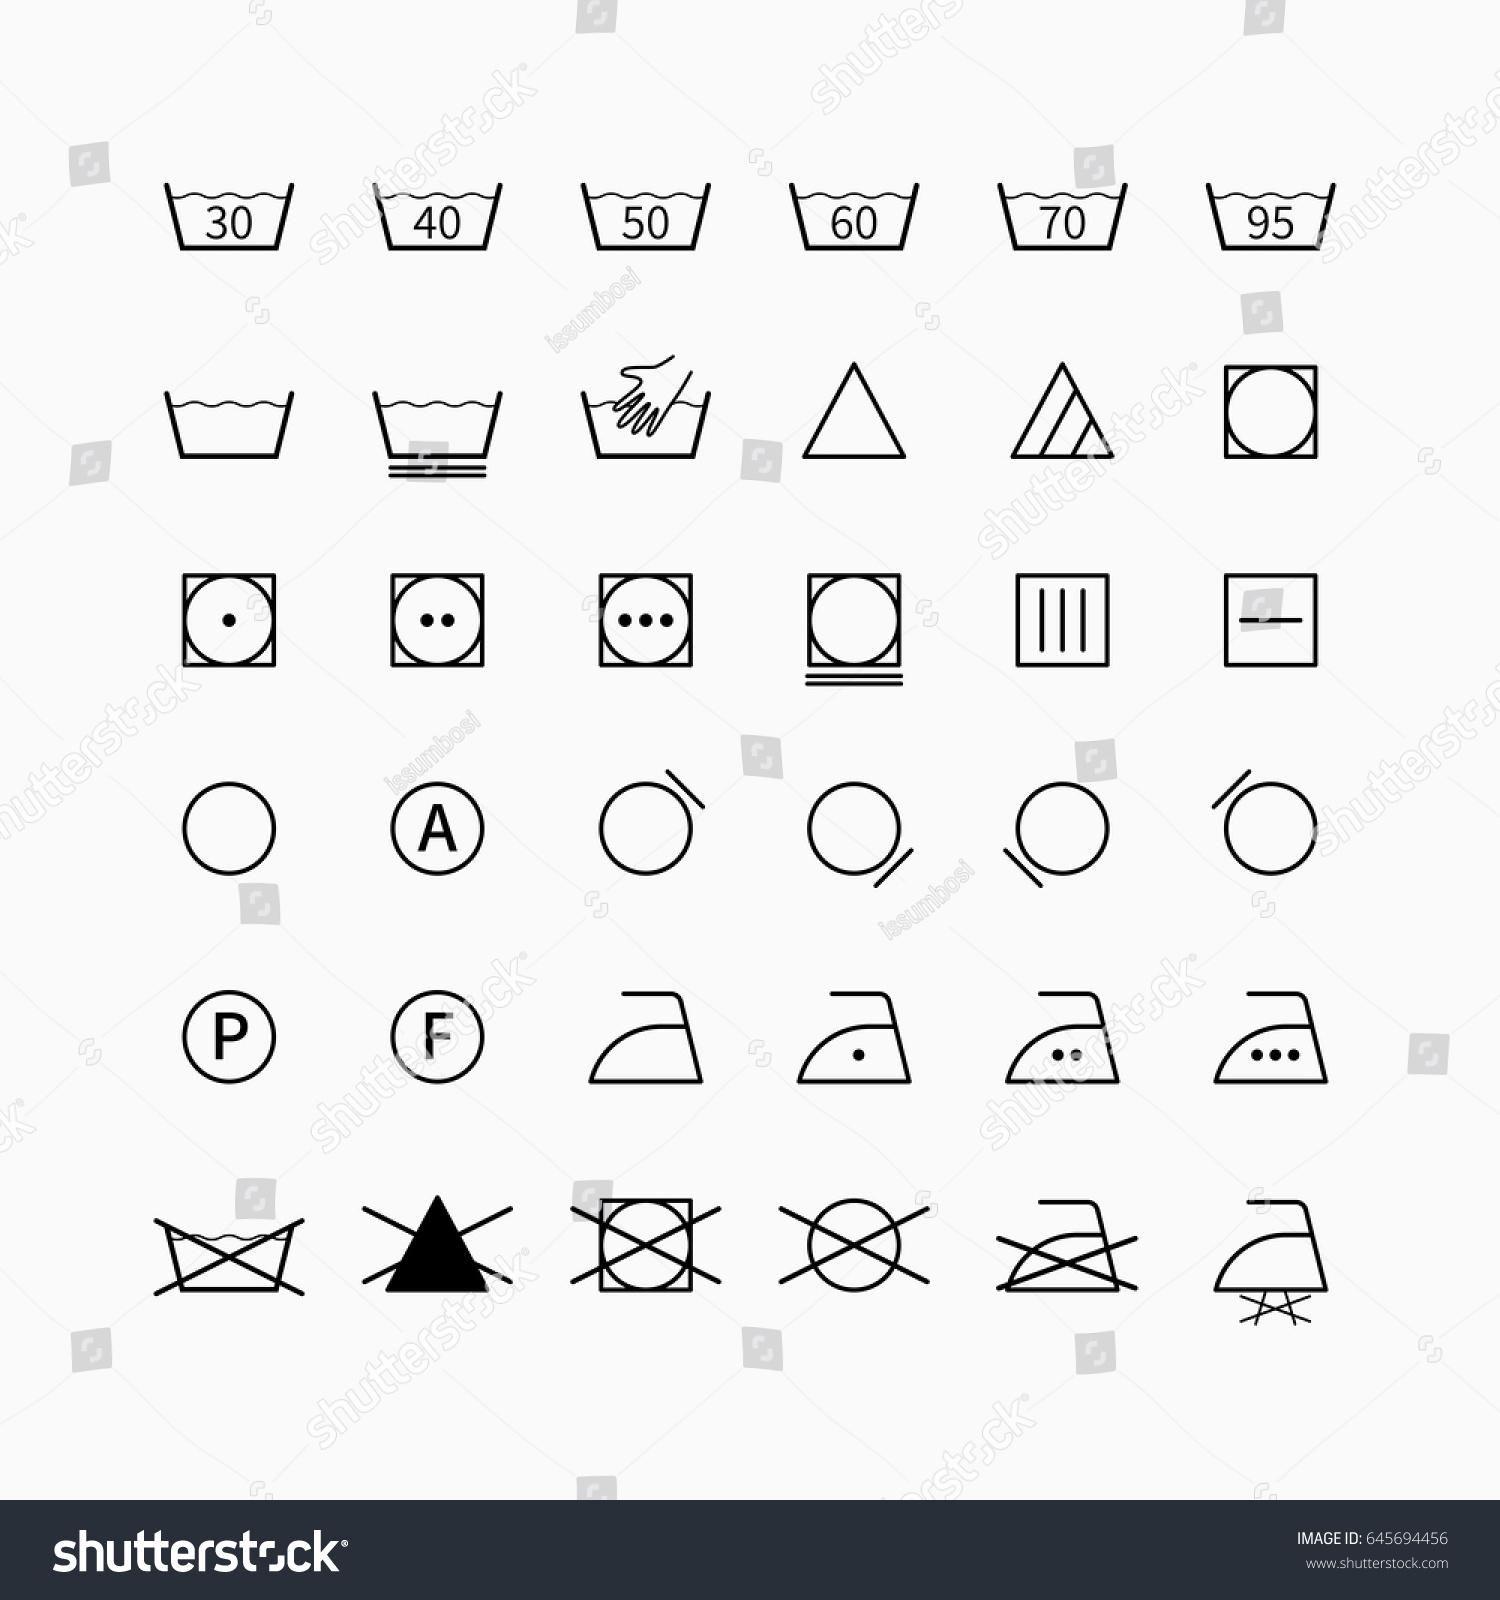 Laundry drycleaning vector symbols set garment stock vector laundry and drycleaning vector symbols set garment clothing care icons and washing labels buycottarizona